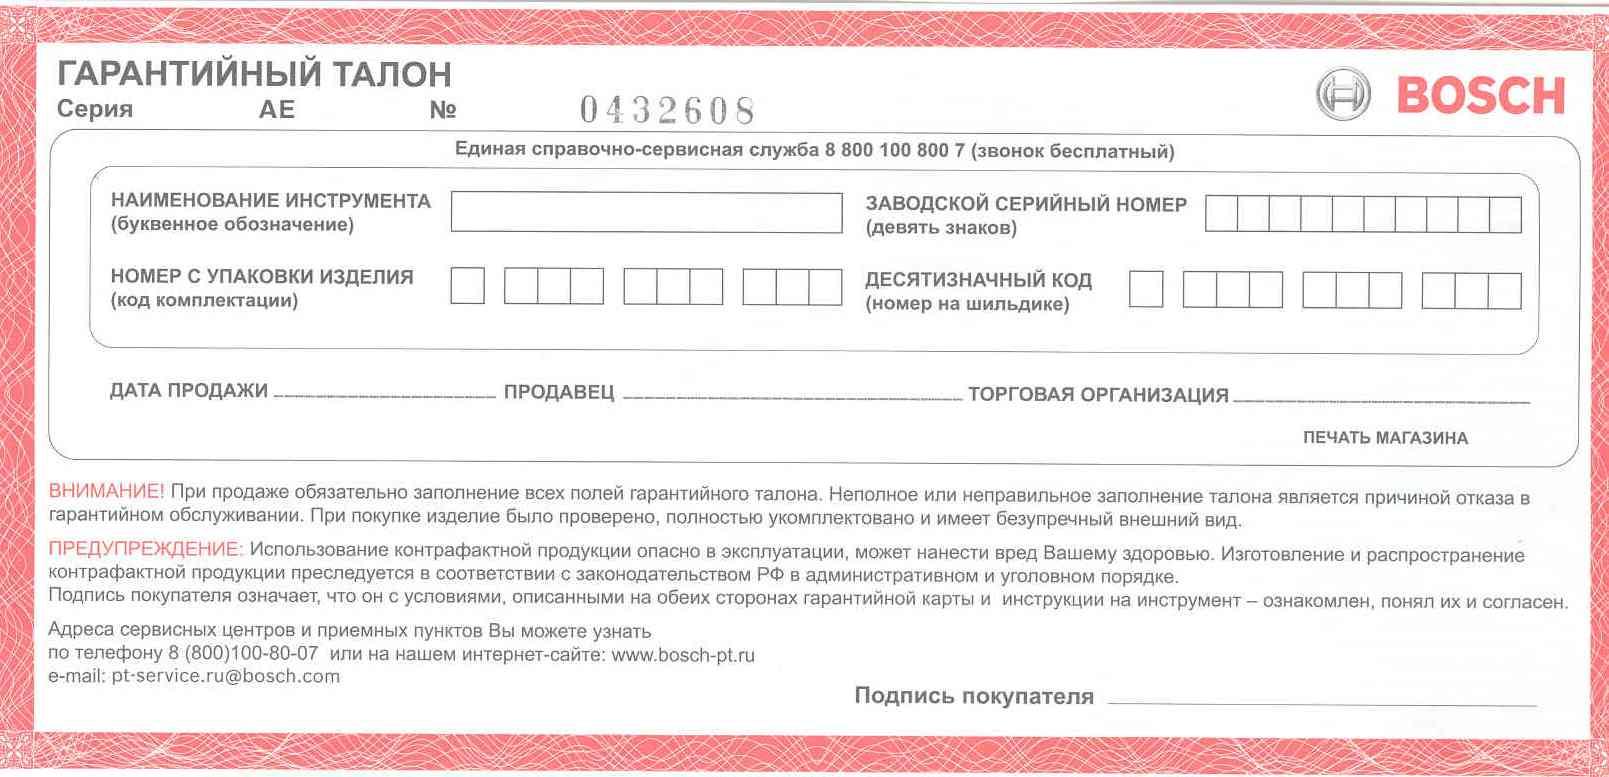 Валюту платежа и информацию о гарантии в чеке отражать не нужно